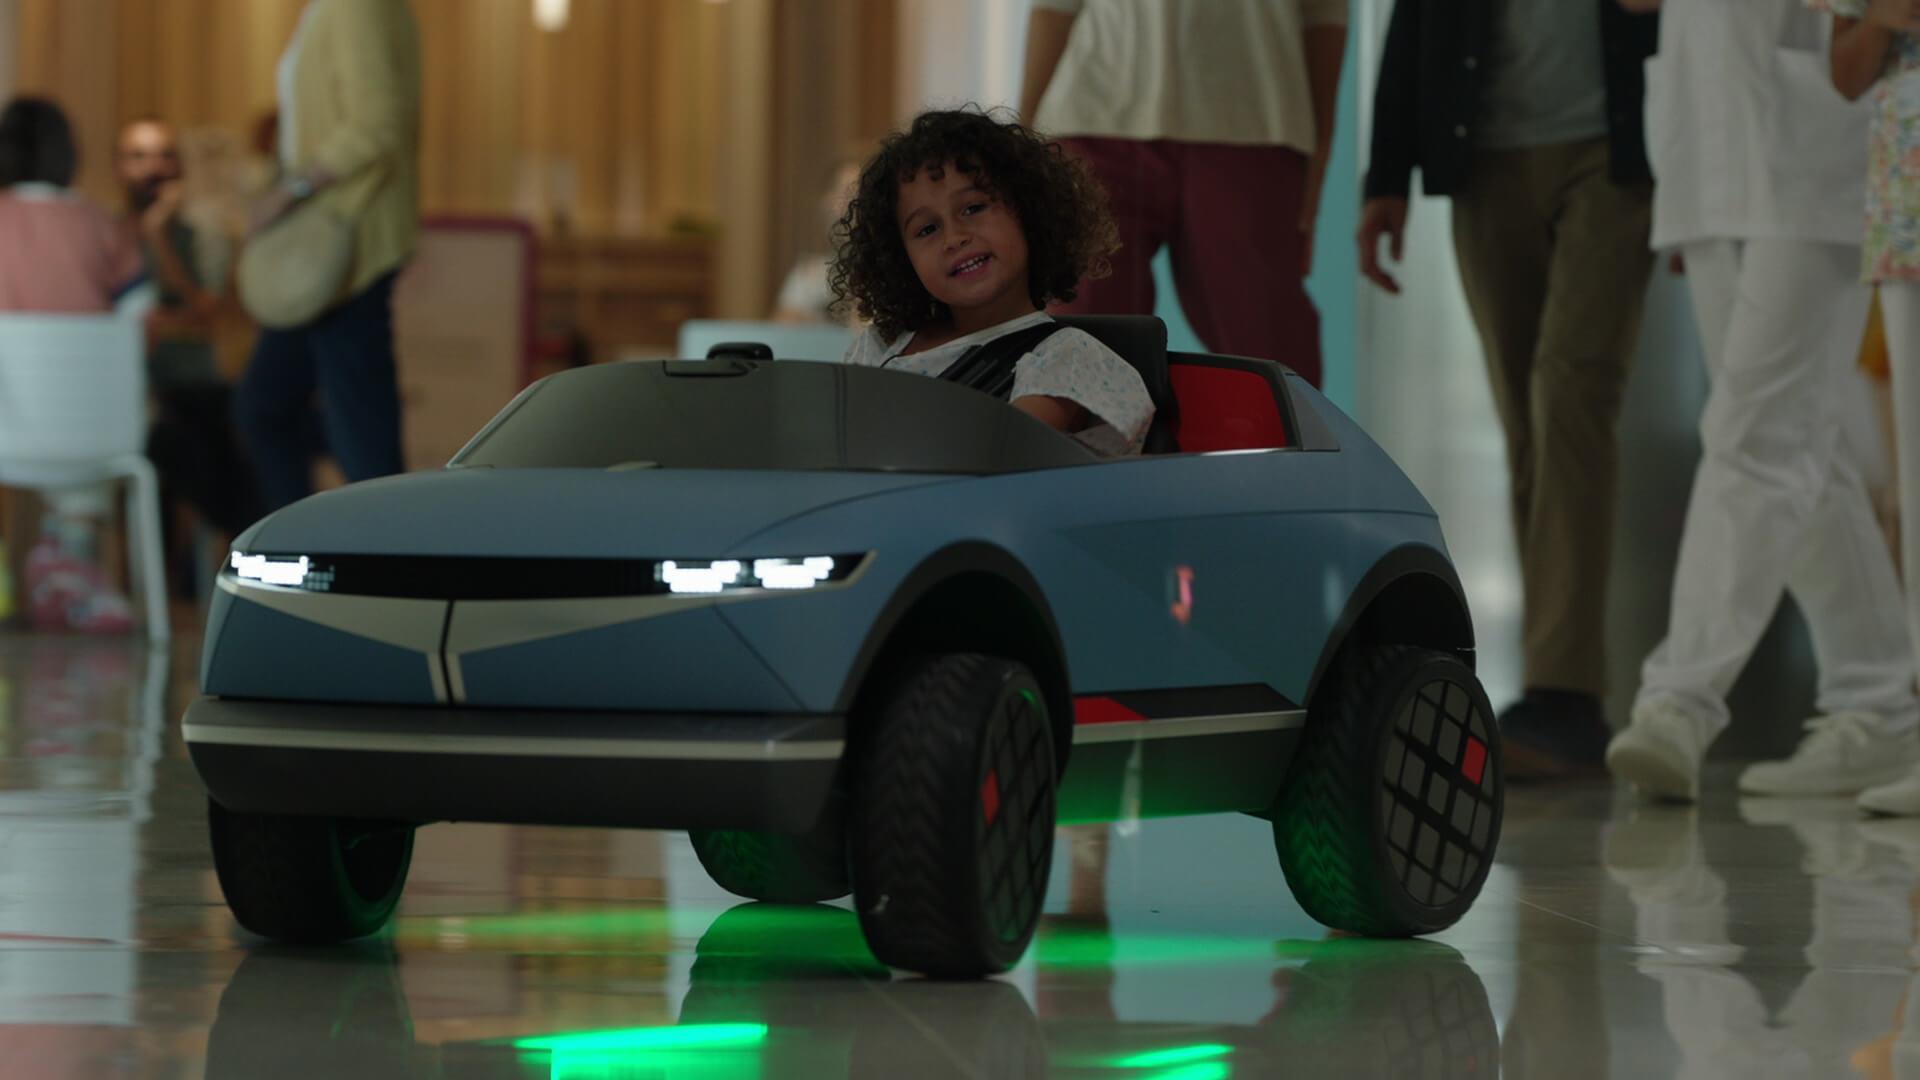 Игрушечный электромобиль Hyundai помогает детям чувствовать себя комфортнее перед лечением вбольнице